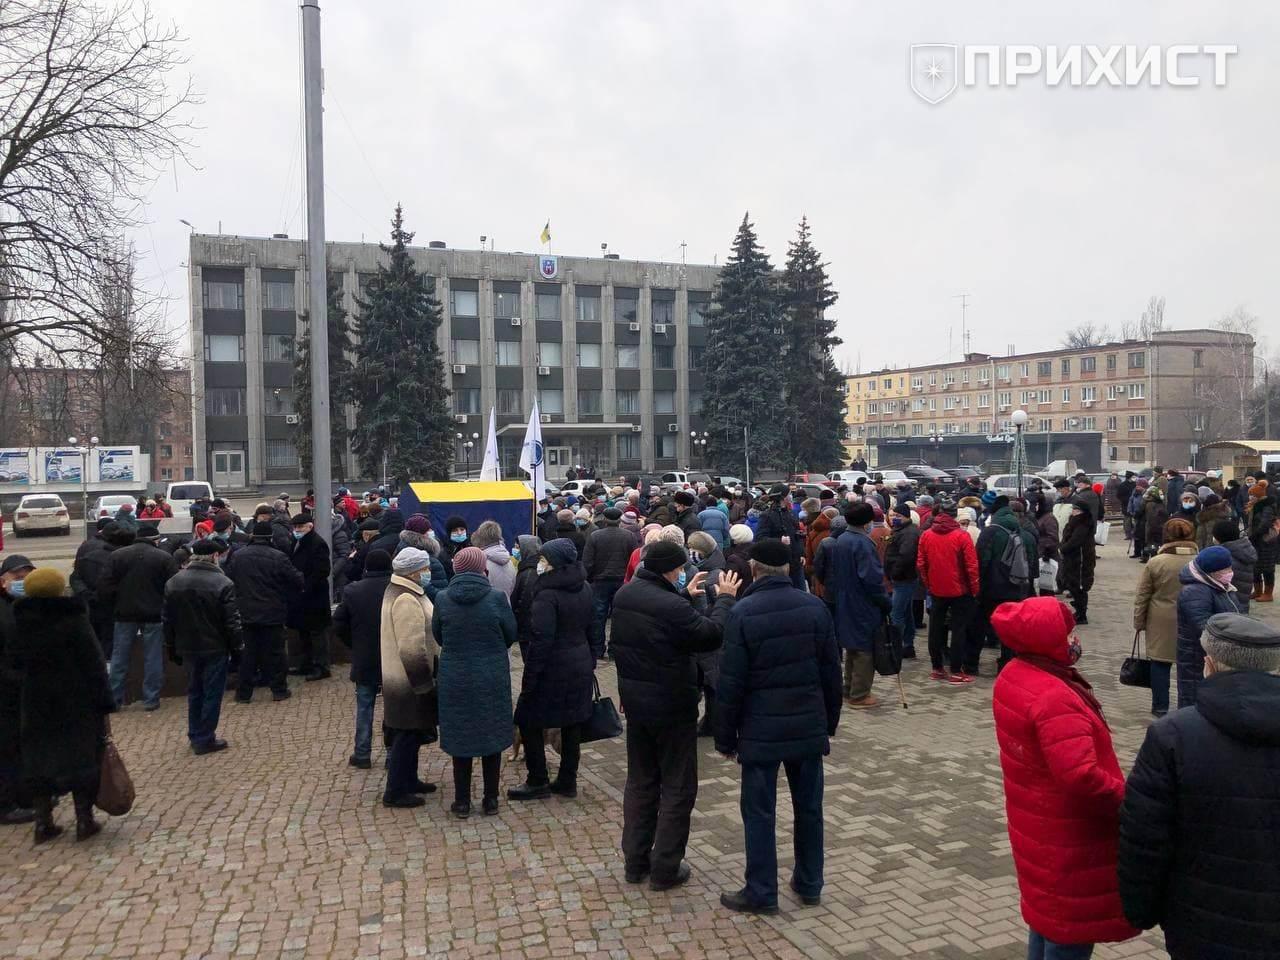 11 января жители Покрова вышли на митинг против поднятия тарифов на газ и электроэнергию   Прихист